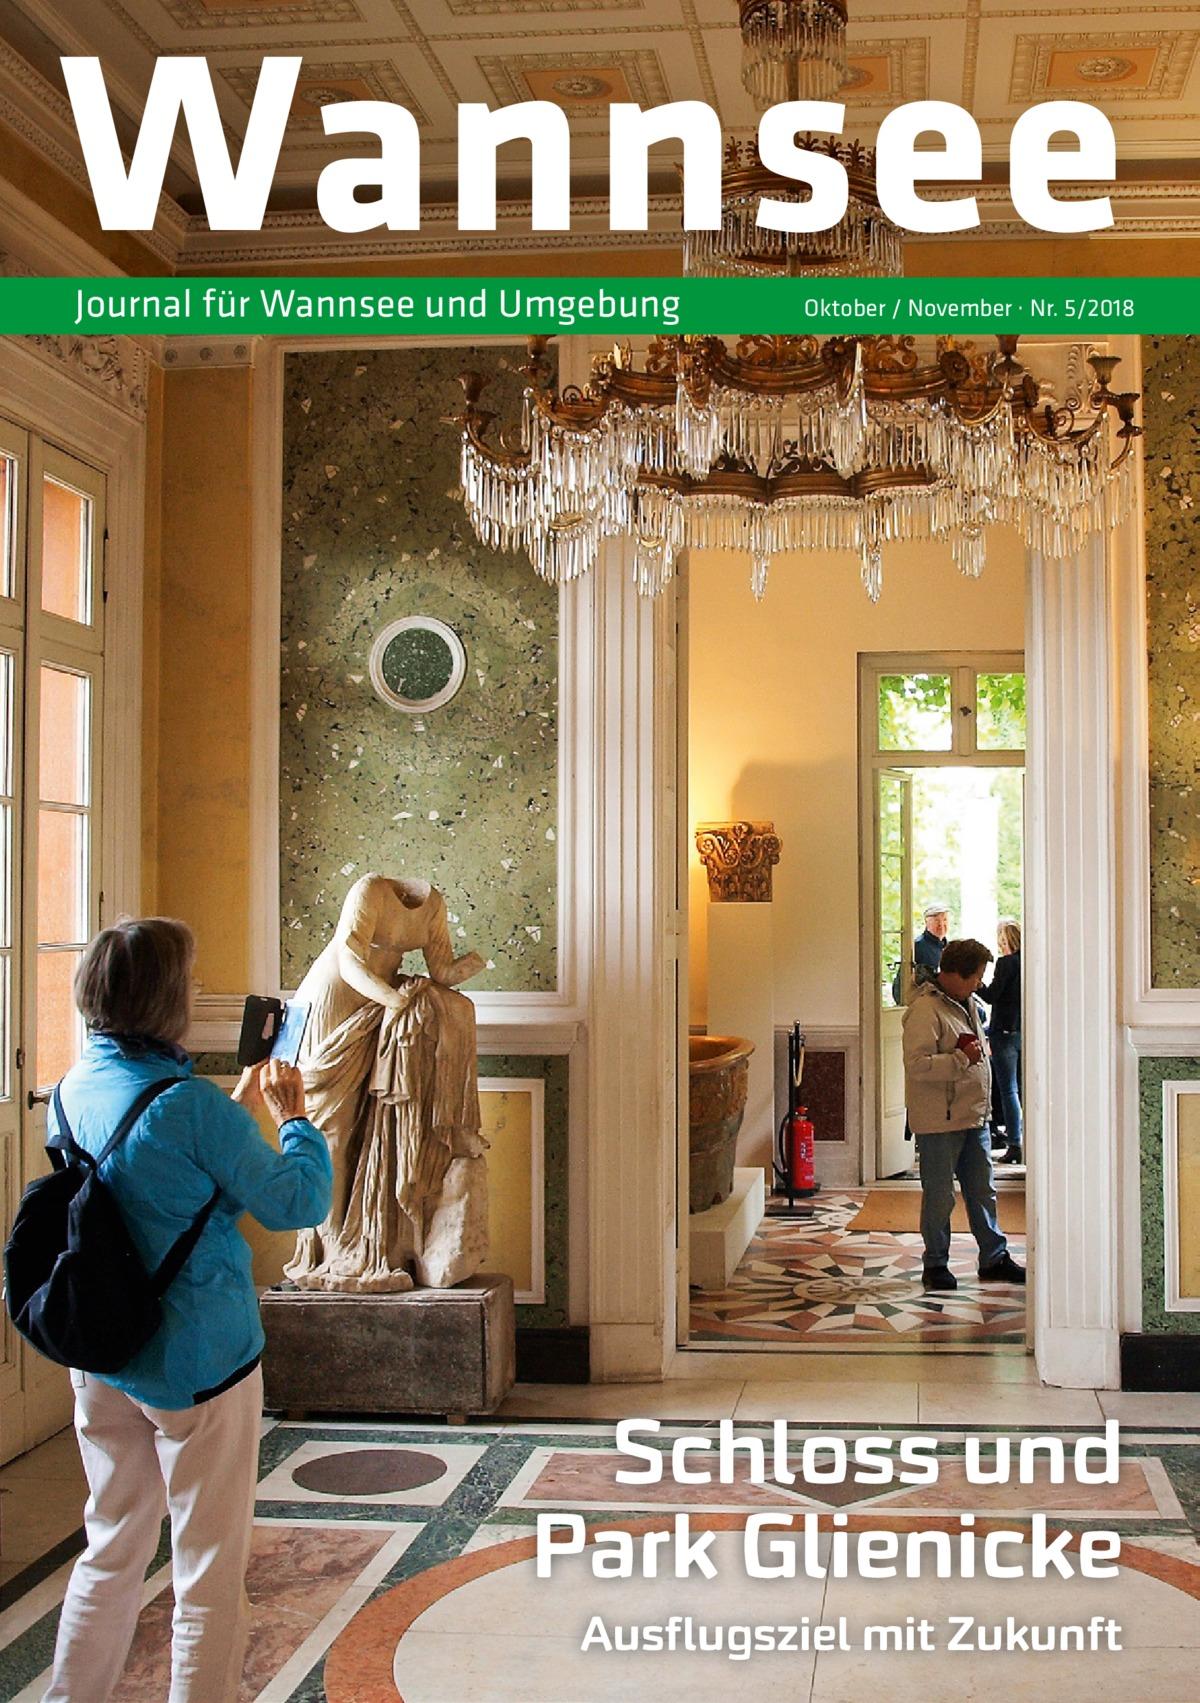 Wannsee Journal für Wannsee und Umgebung  Oktober / November · Nr. 5/2018  Schloss und Park Glienicke Ausflugsziel mit Zukunft